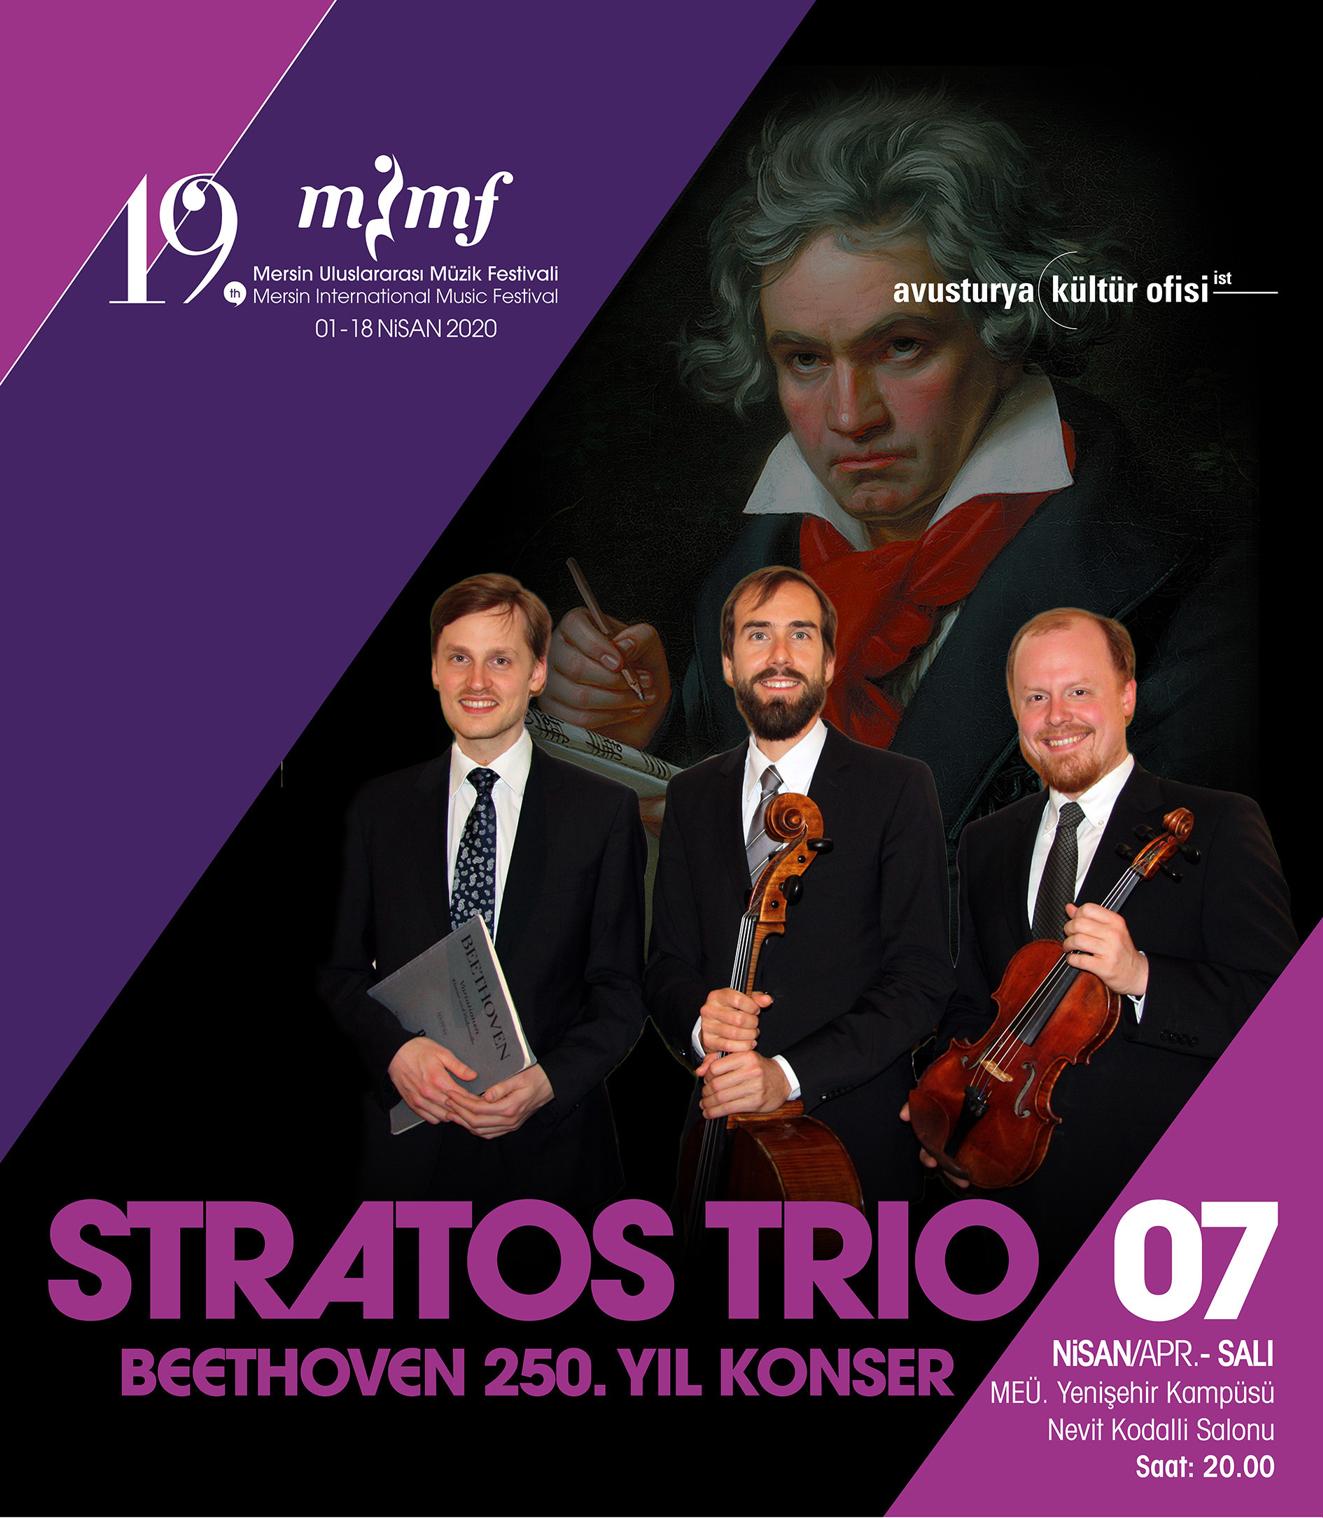 STRATOS TRIO Beethoven 250. Yılı Konseri